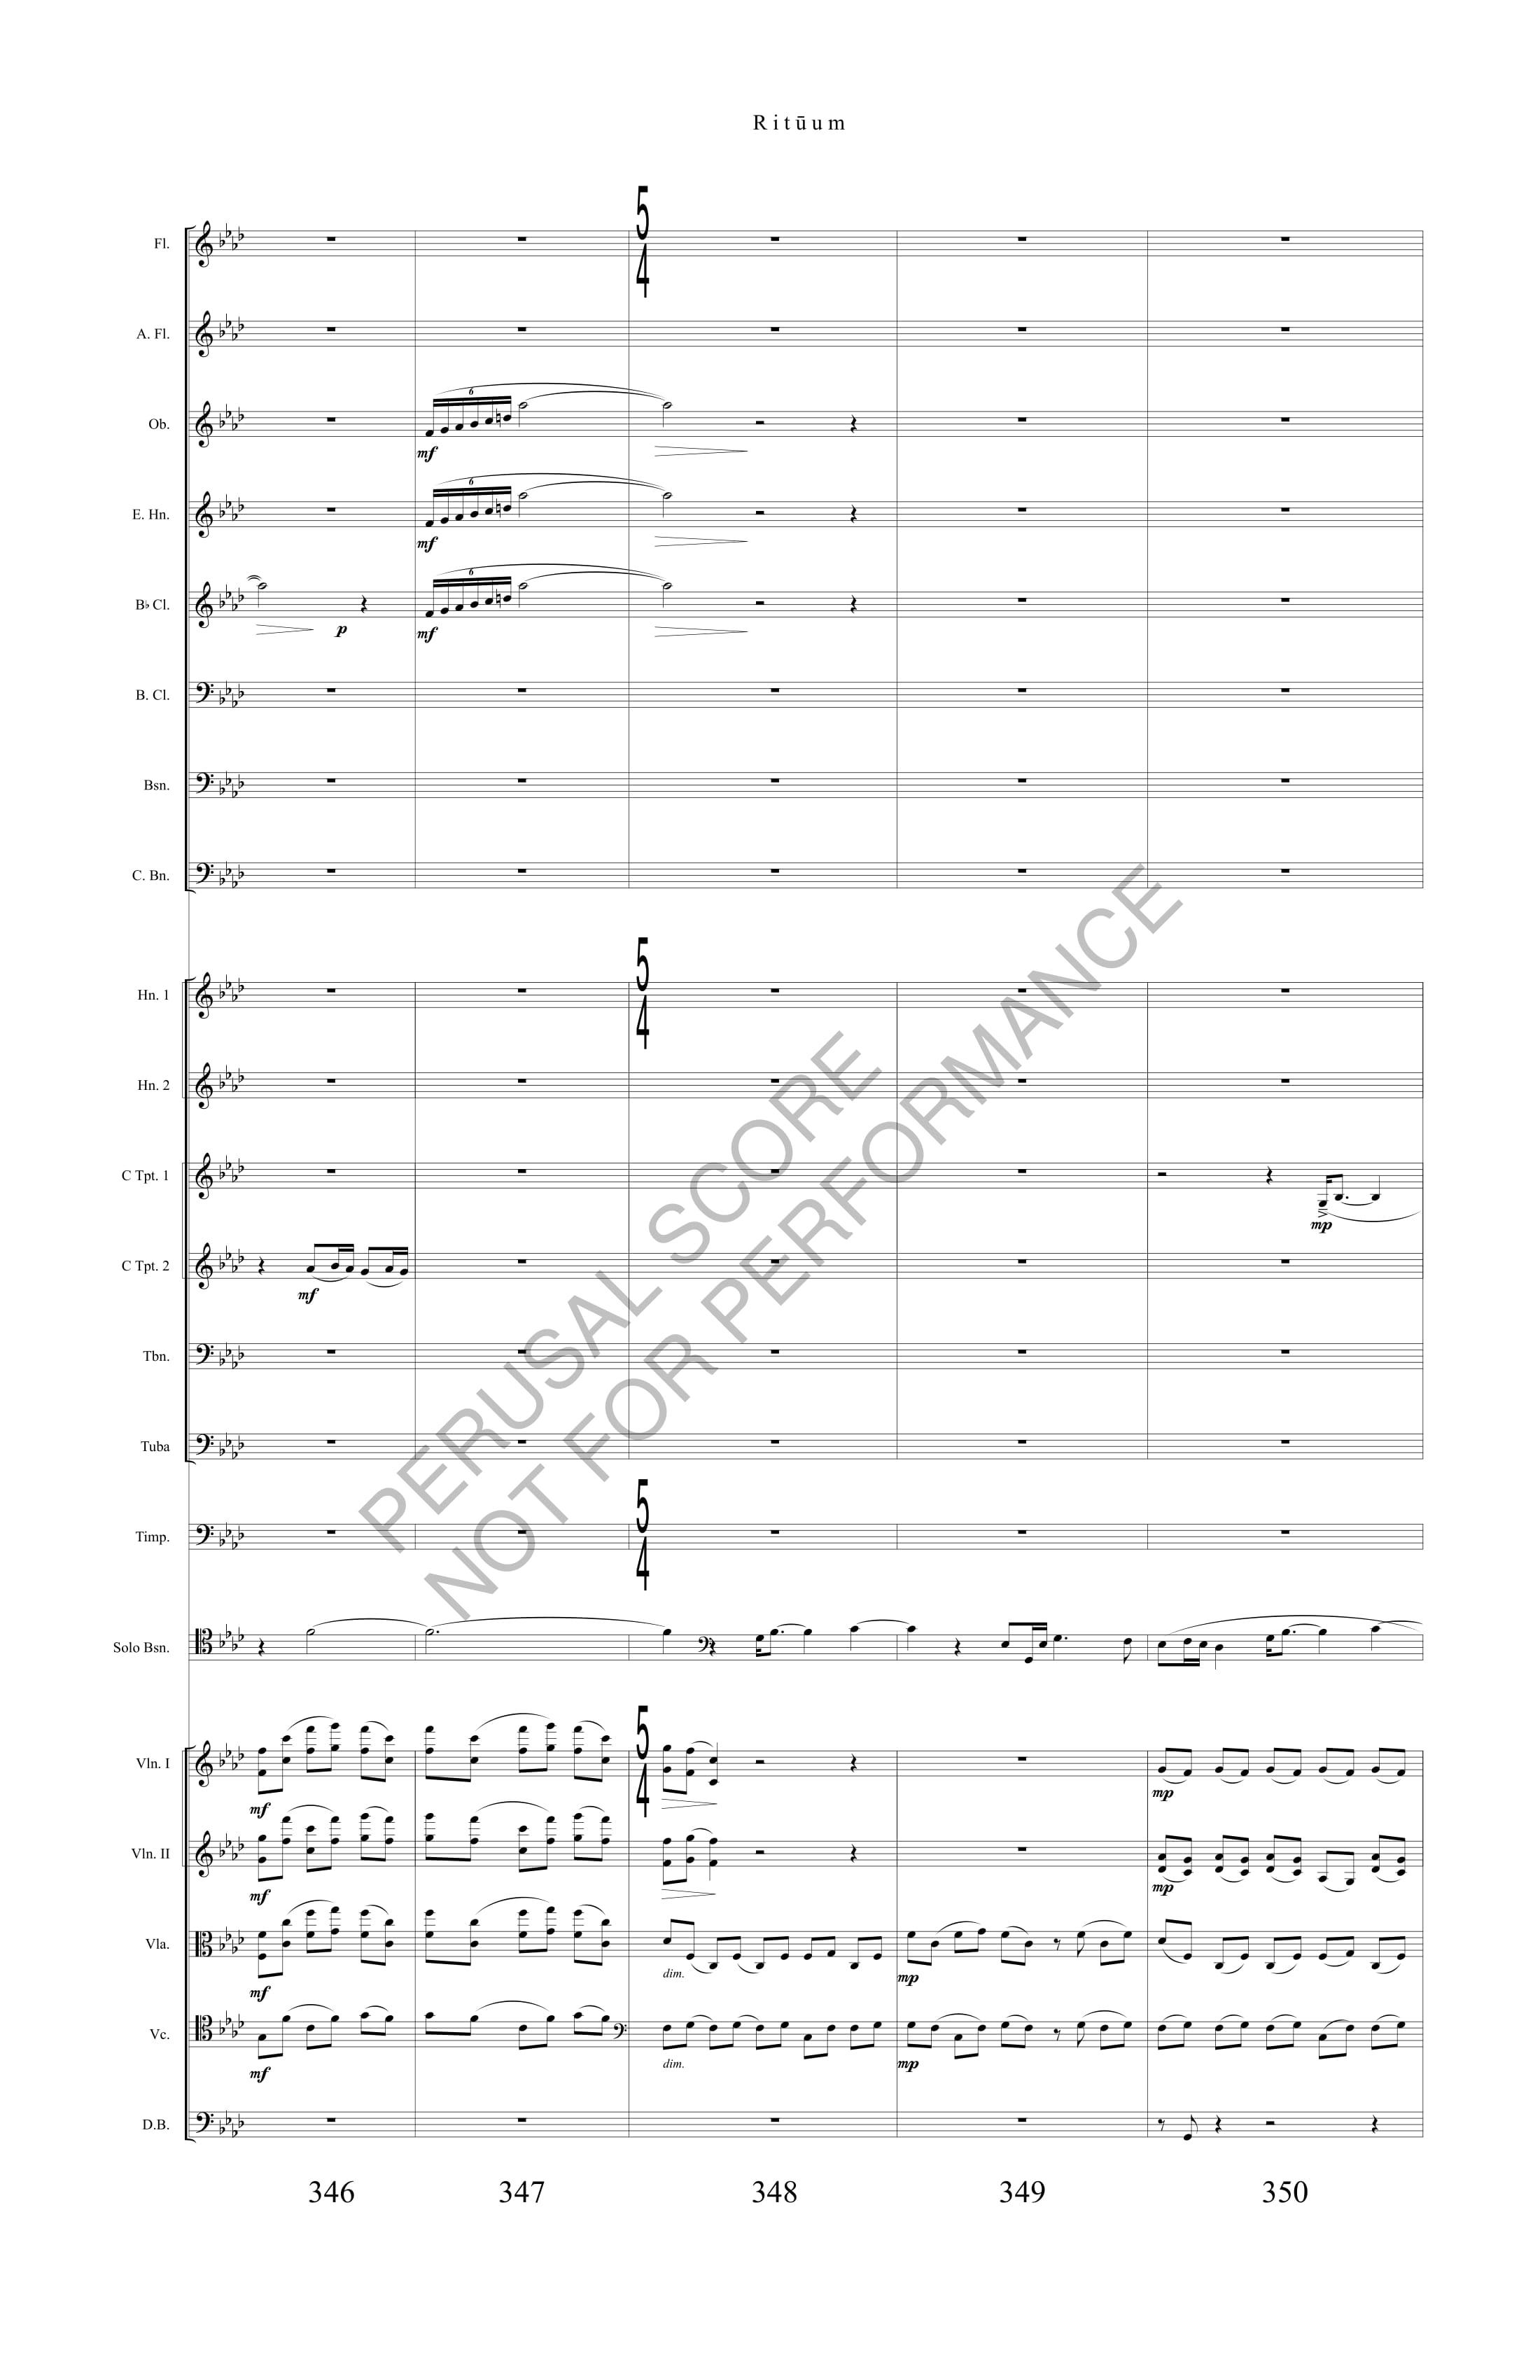 Boyd Rituum Score-watermark (1)-78.jpg